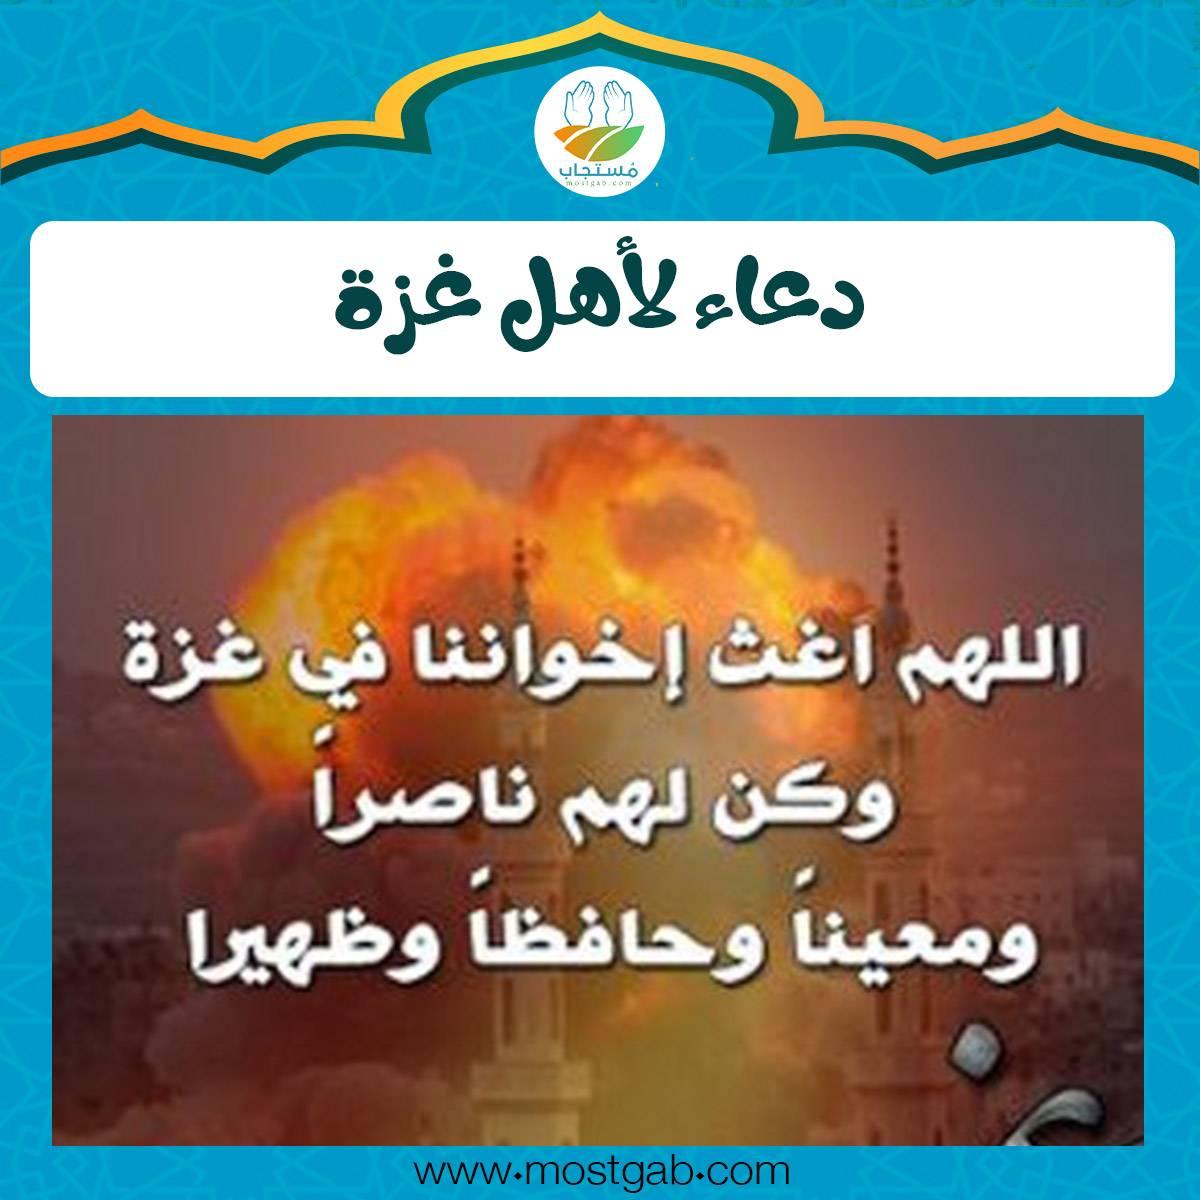 اللهم انصر أهل غزة